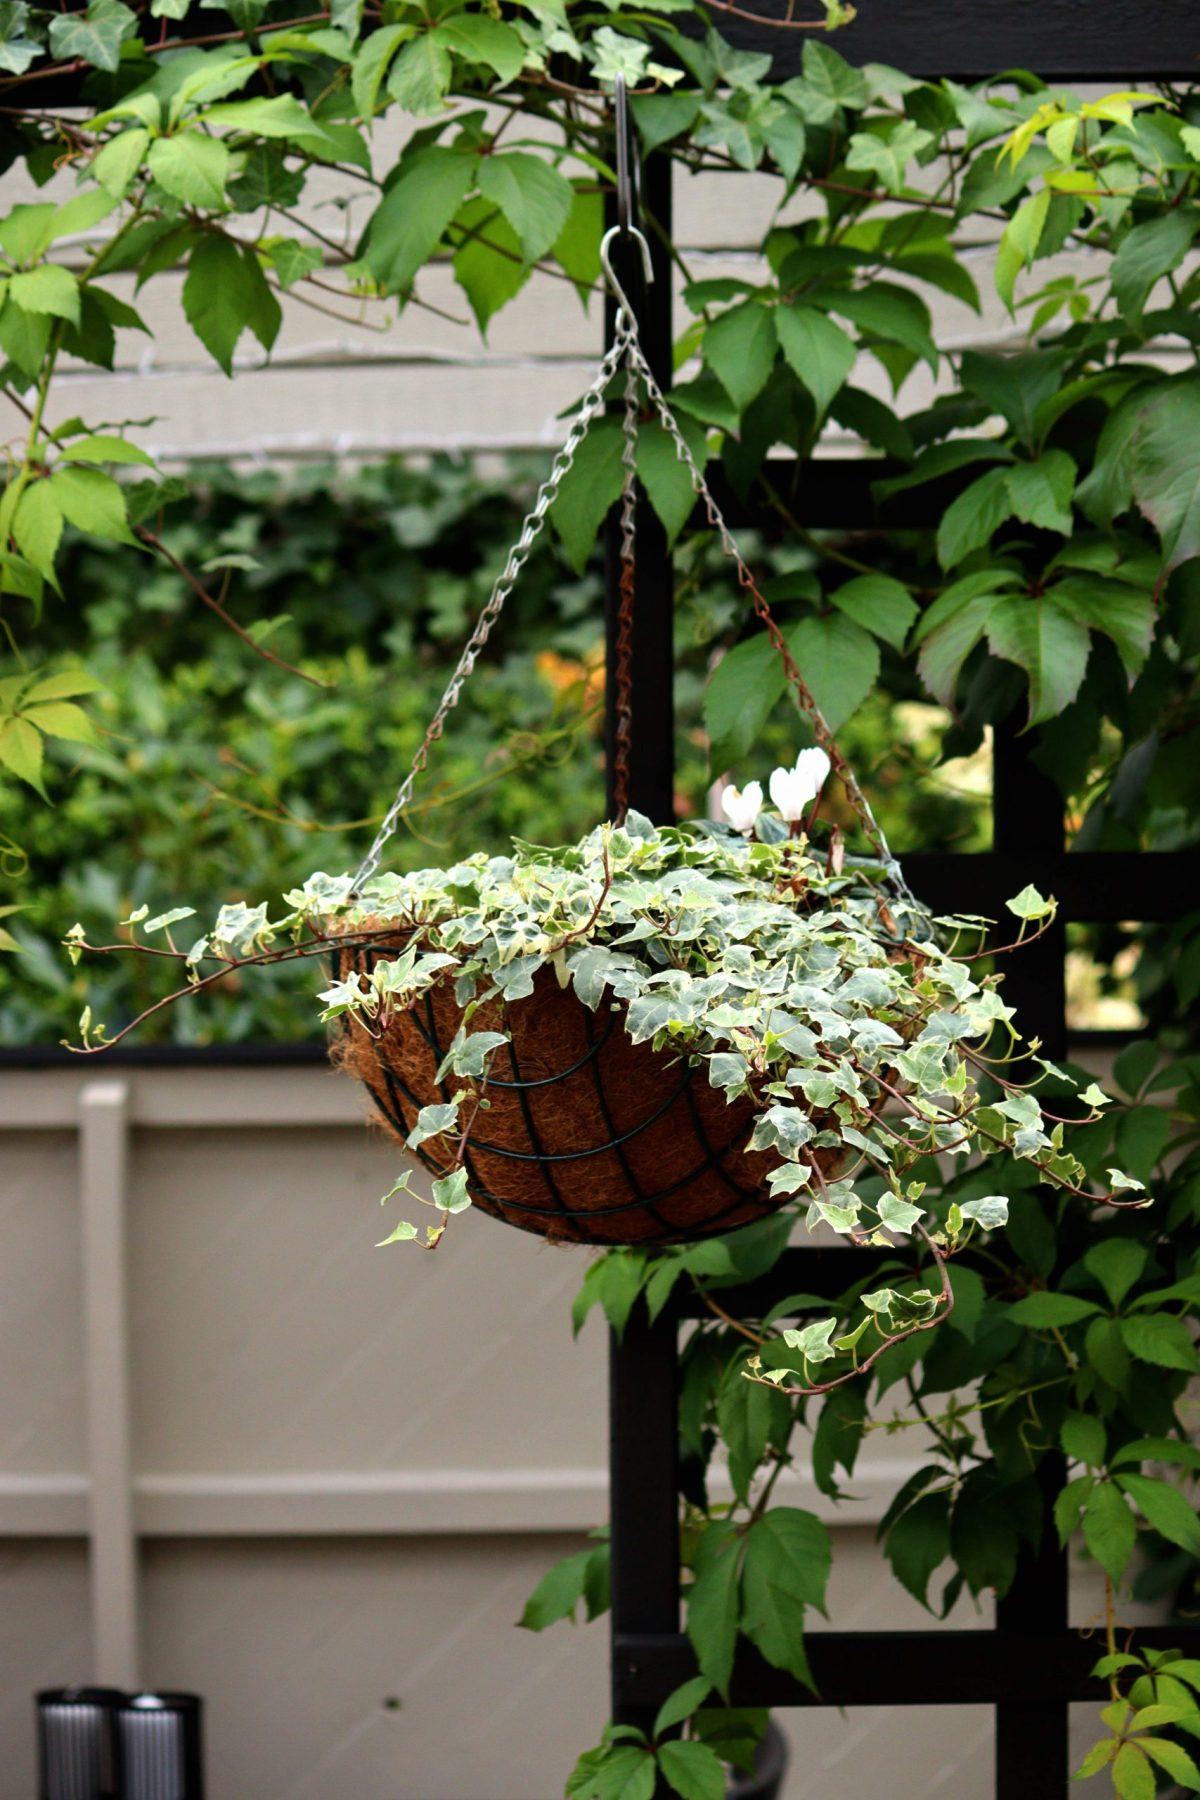 Natalia Lindberg trädgårdsdesign - liten trädgård bollkryss höstfärg murgröna hängampel